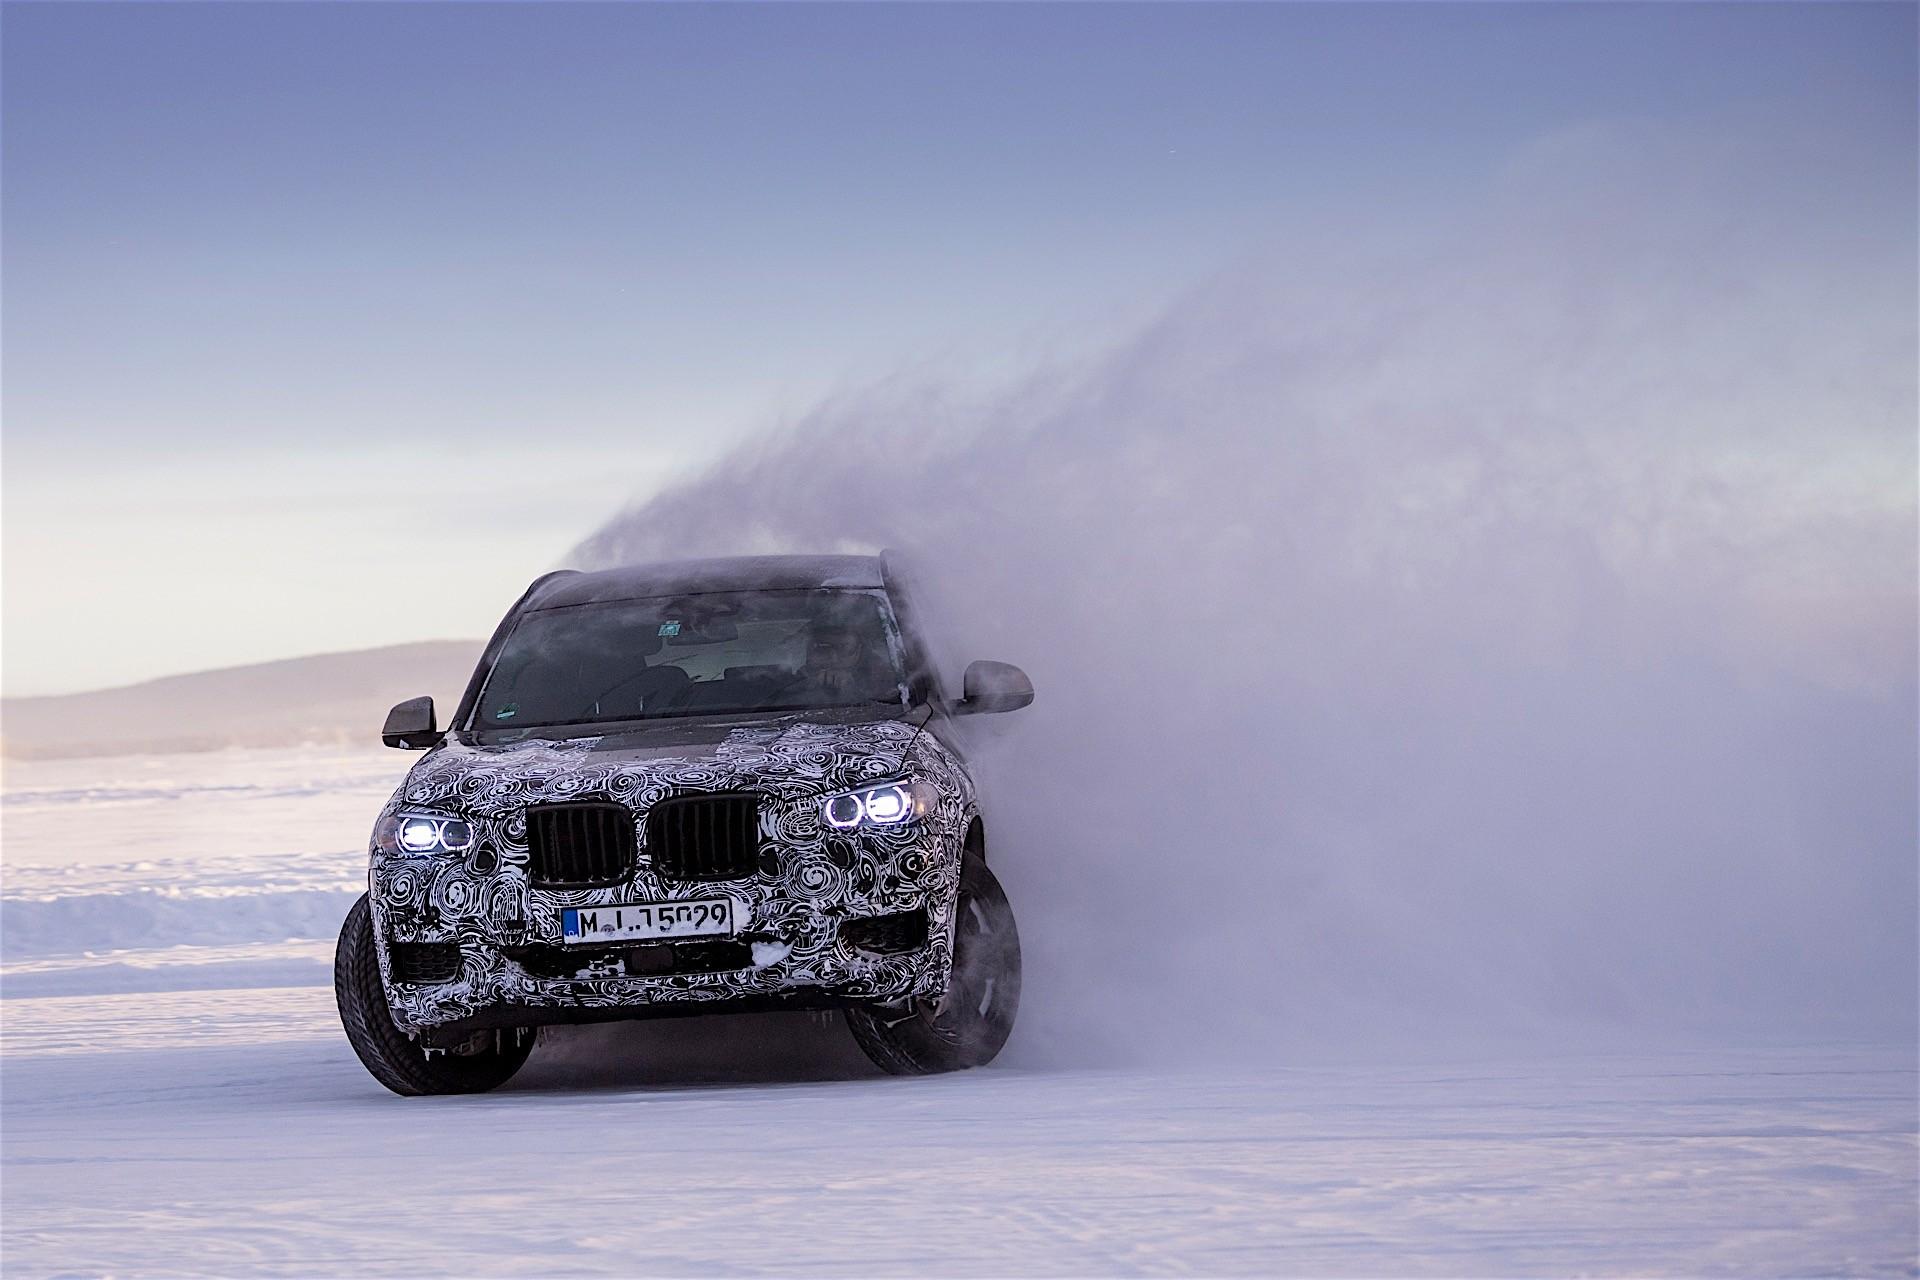 2011 BMW X3 3 Door Imagined autoevolution